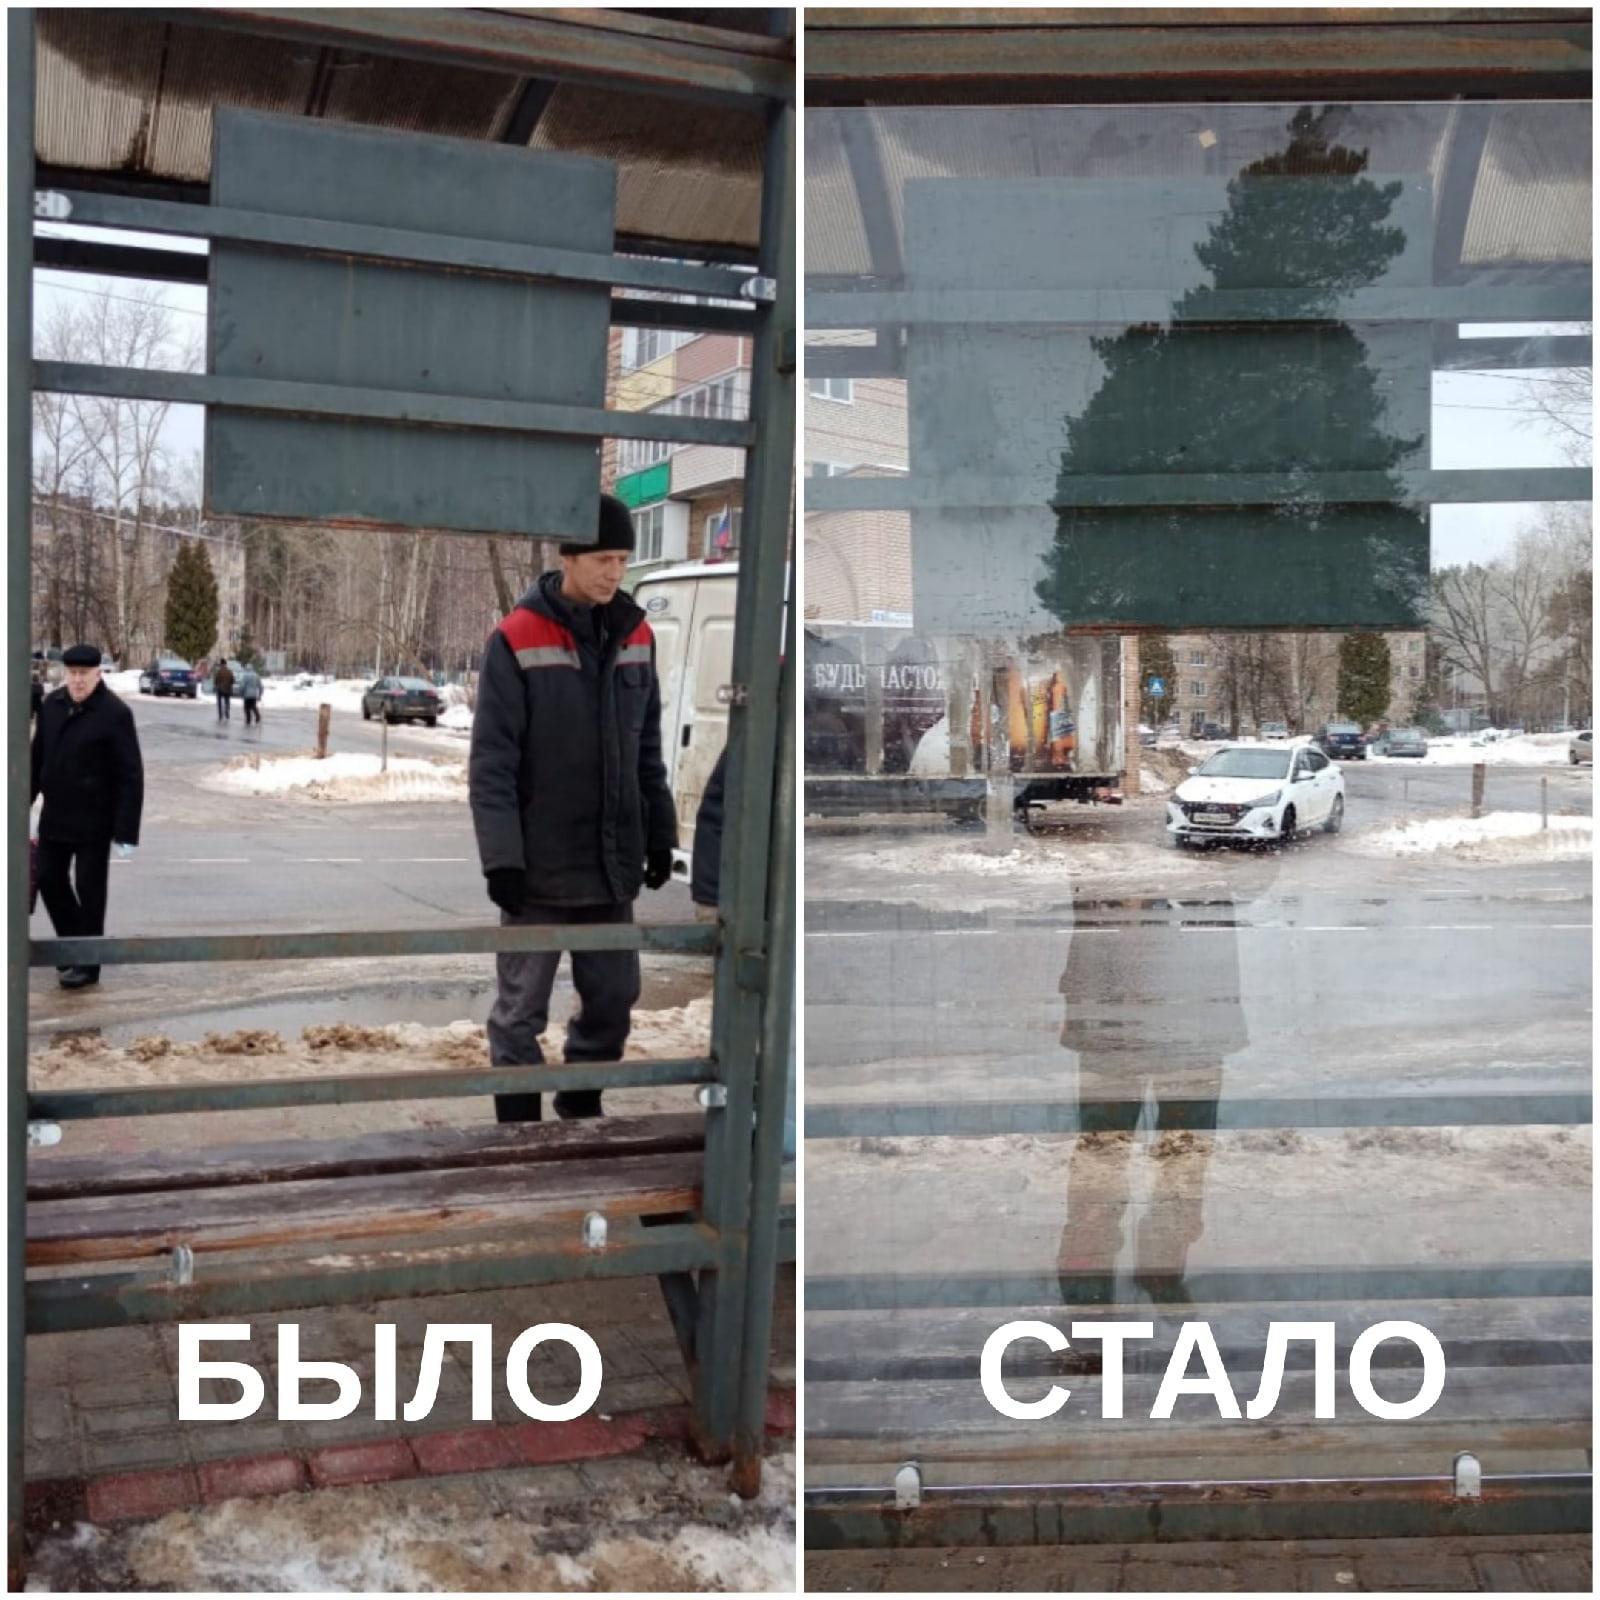 Автопавильоны в Озёрах оборудовали новыми стёклами взамен разбитых вандалами